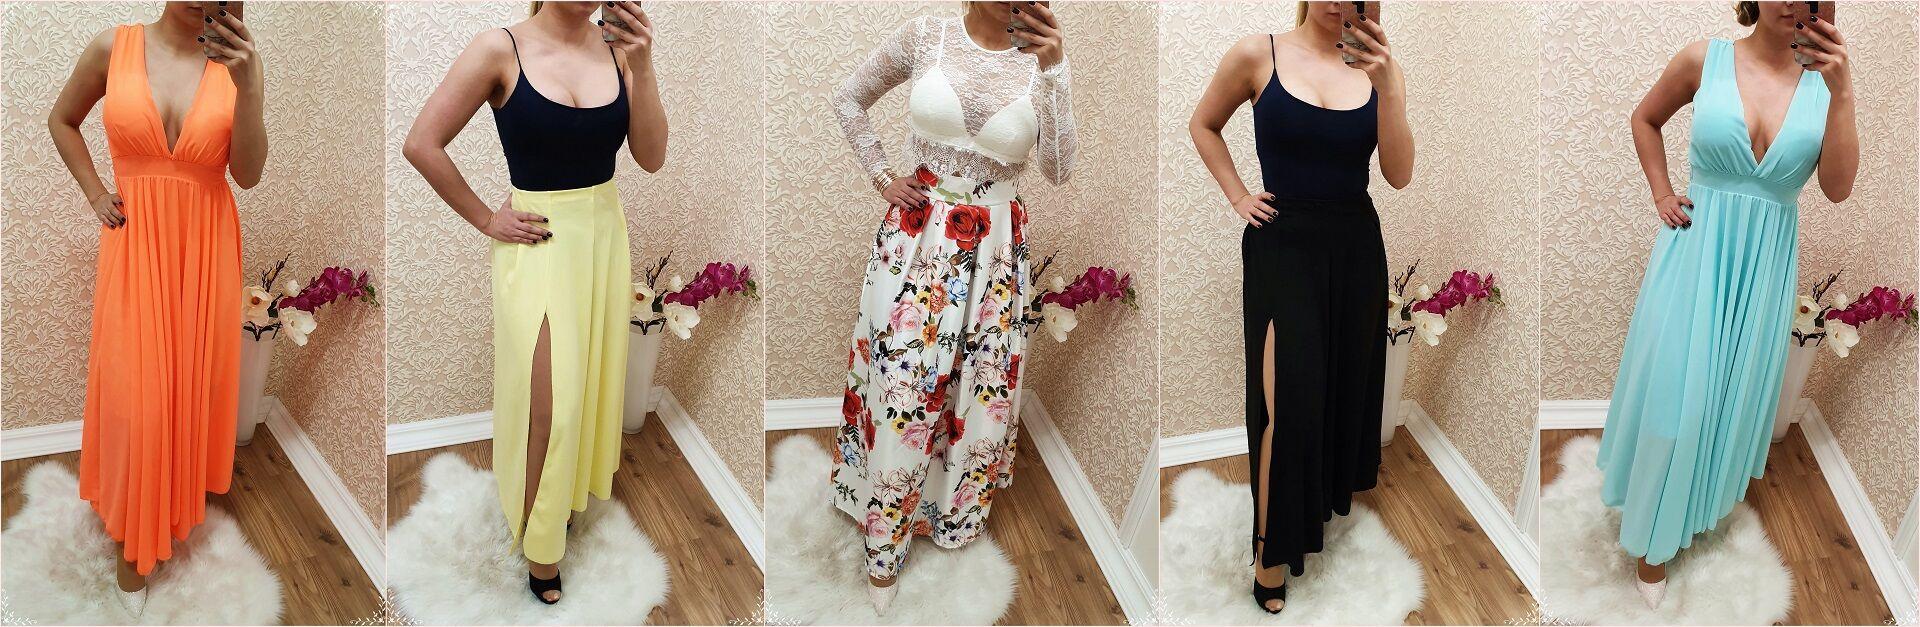 693b75c166 Luna Gardrobe Női ruha WebÁruház, Akciós - olcsó női ruha, Női ruha ...